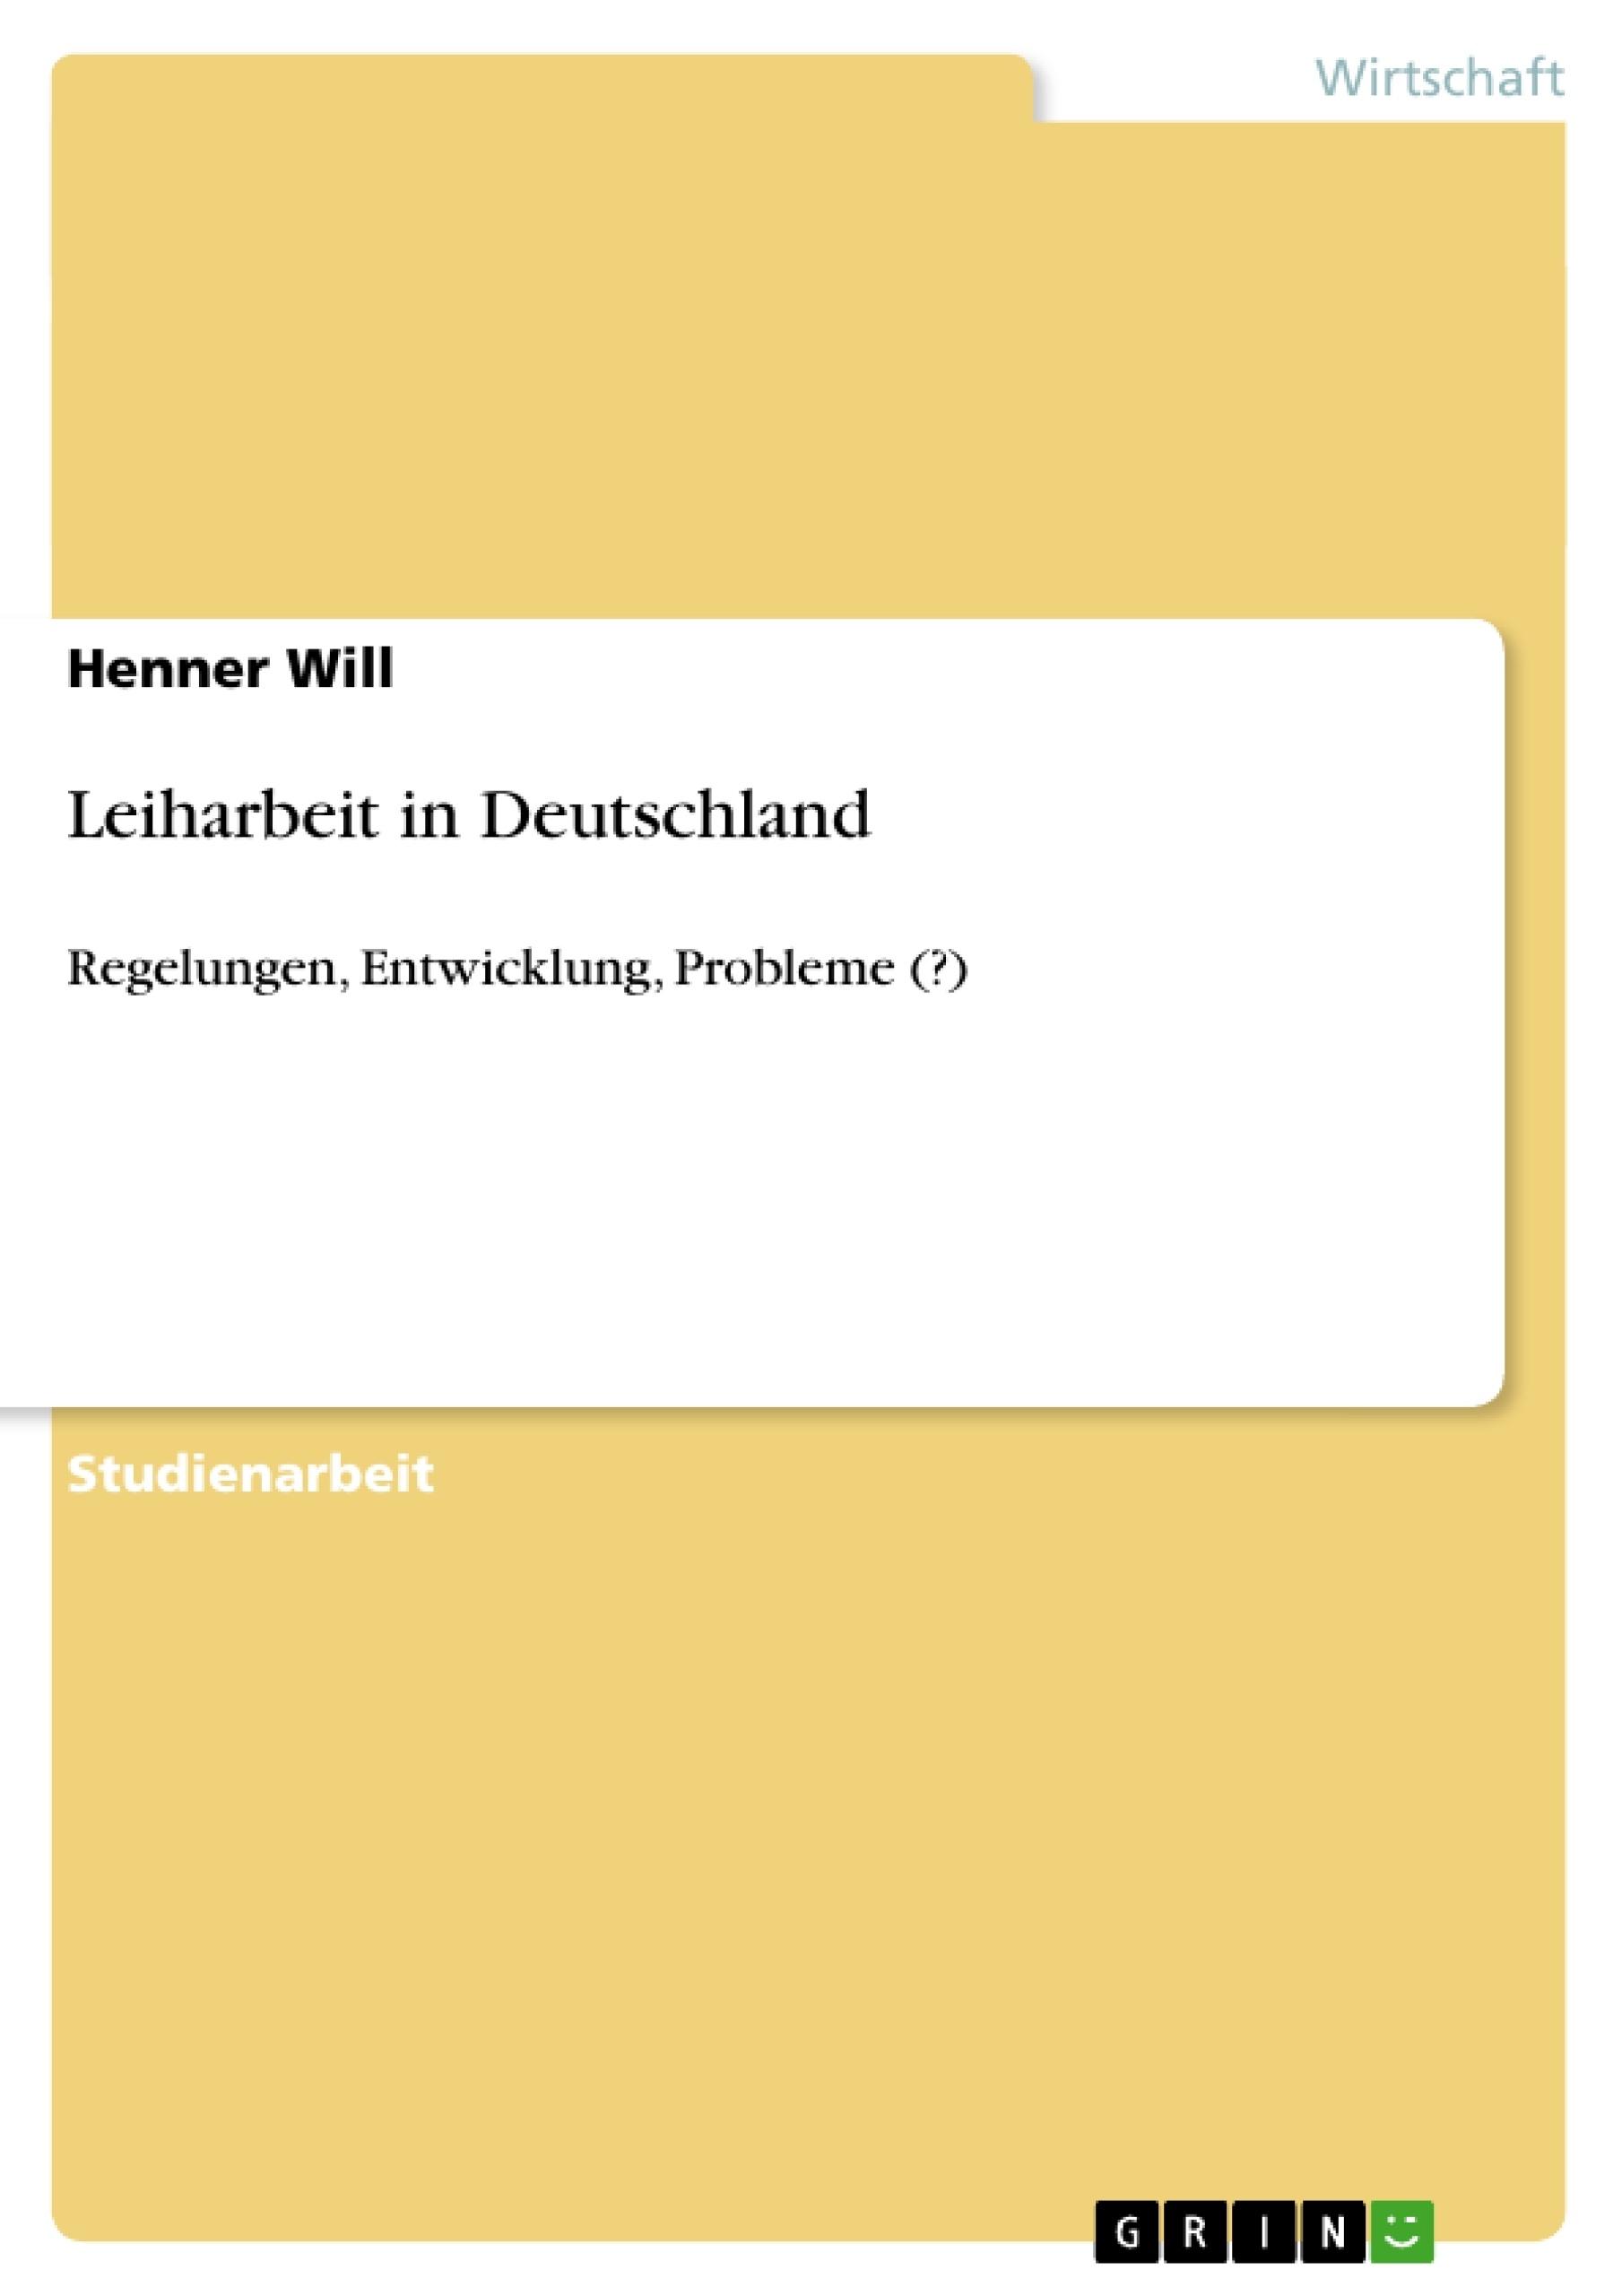 Titel: Leiharbeit in Deutschland